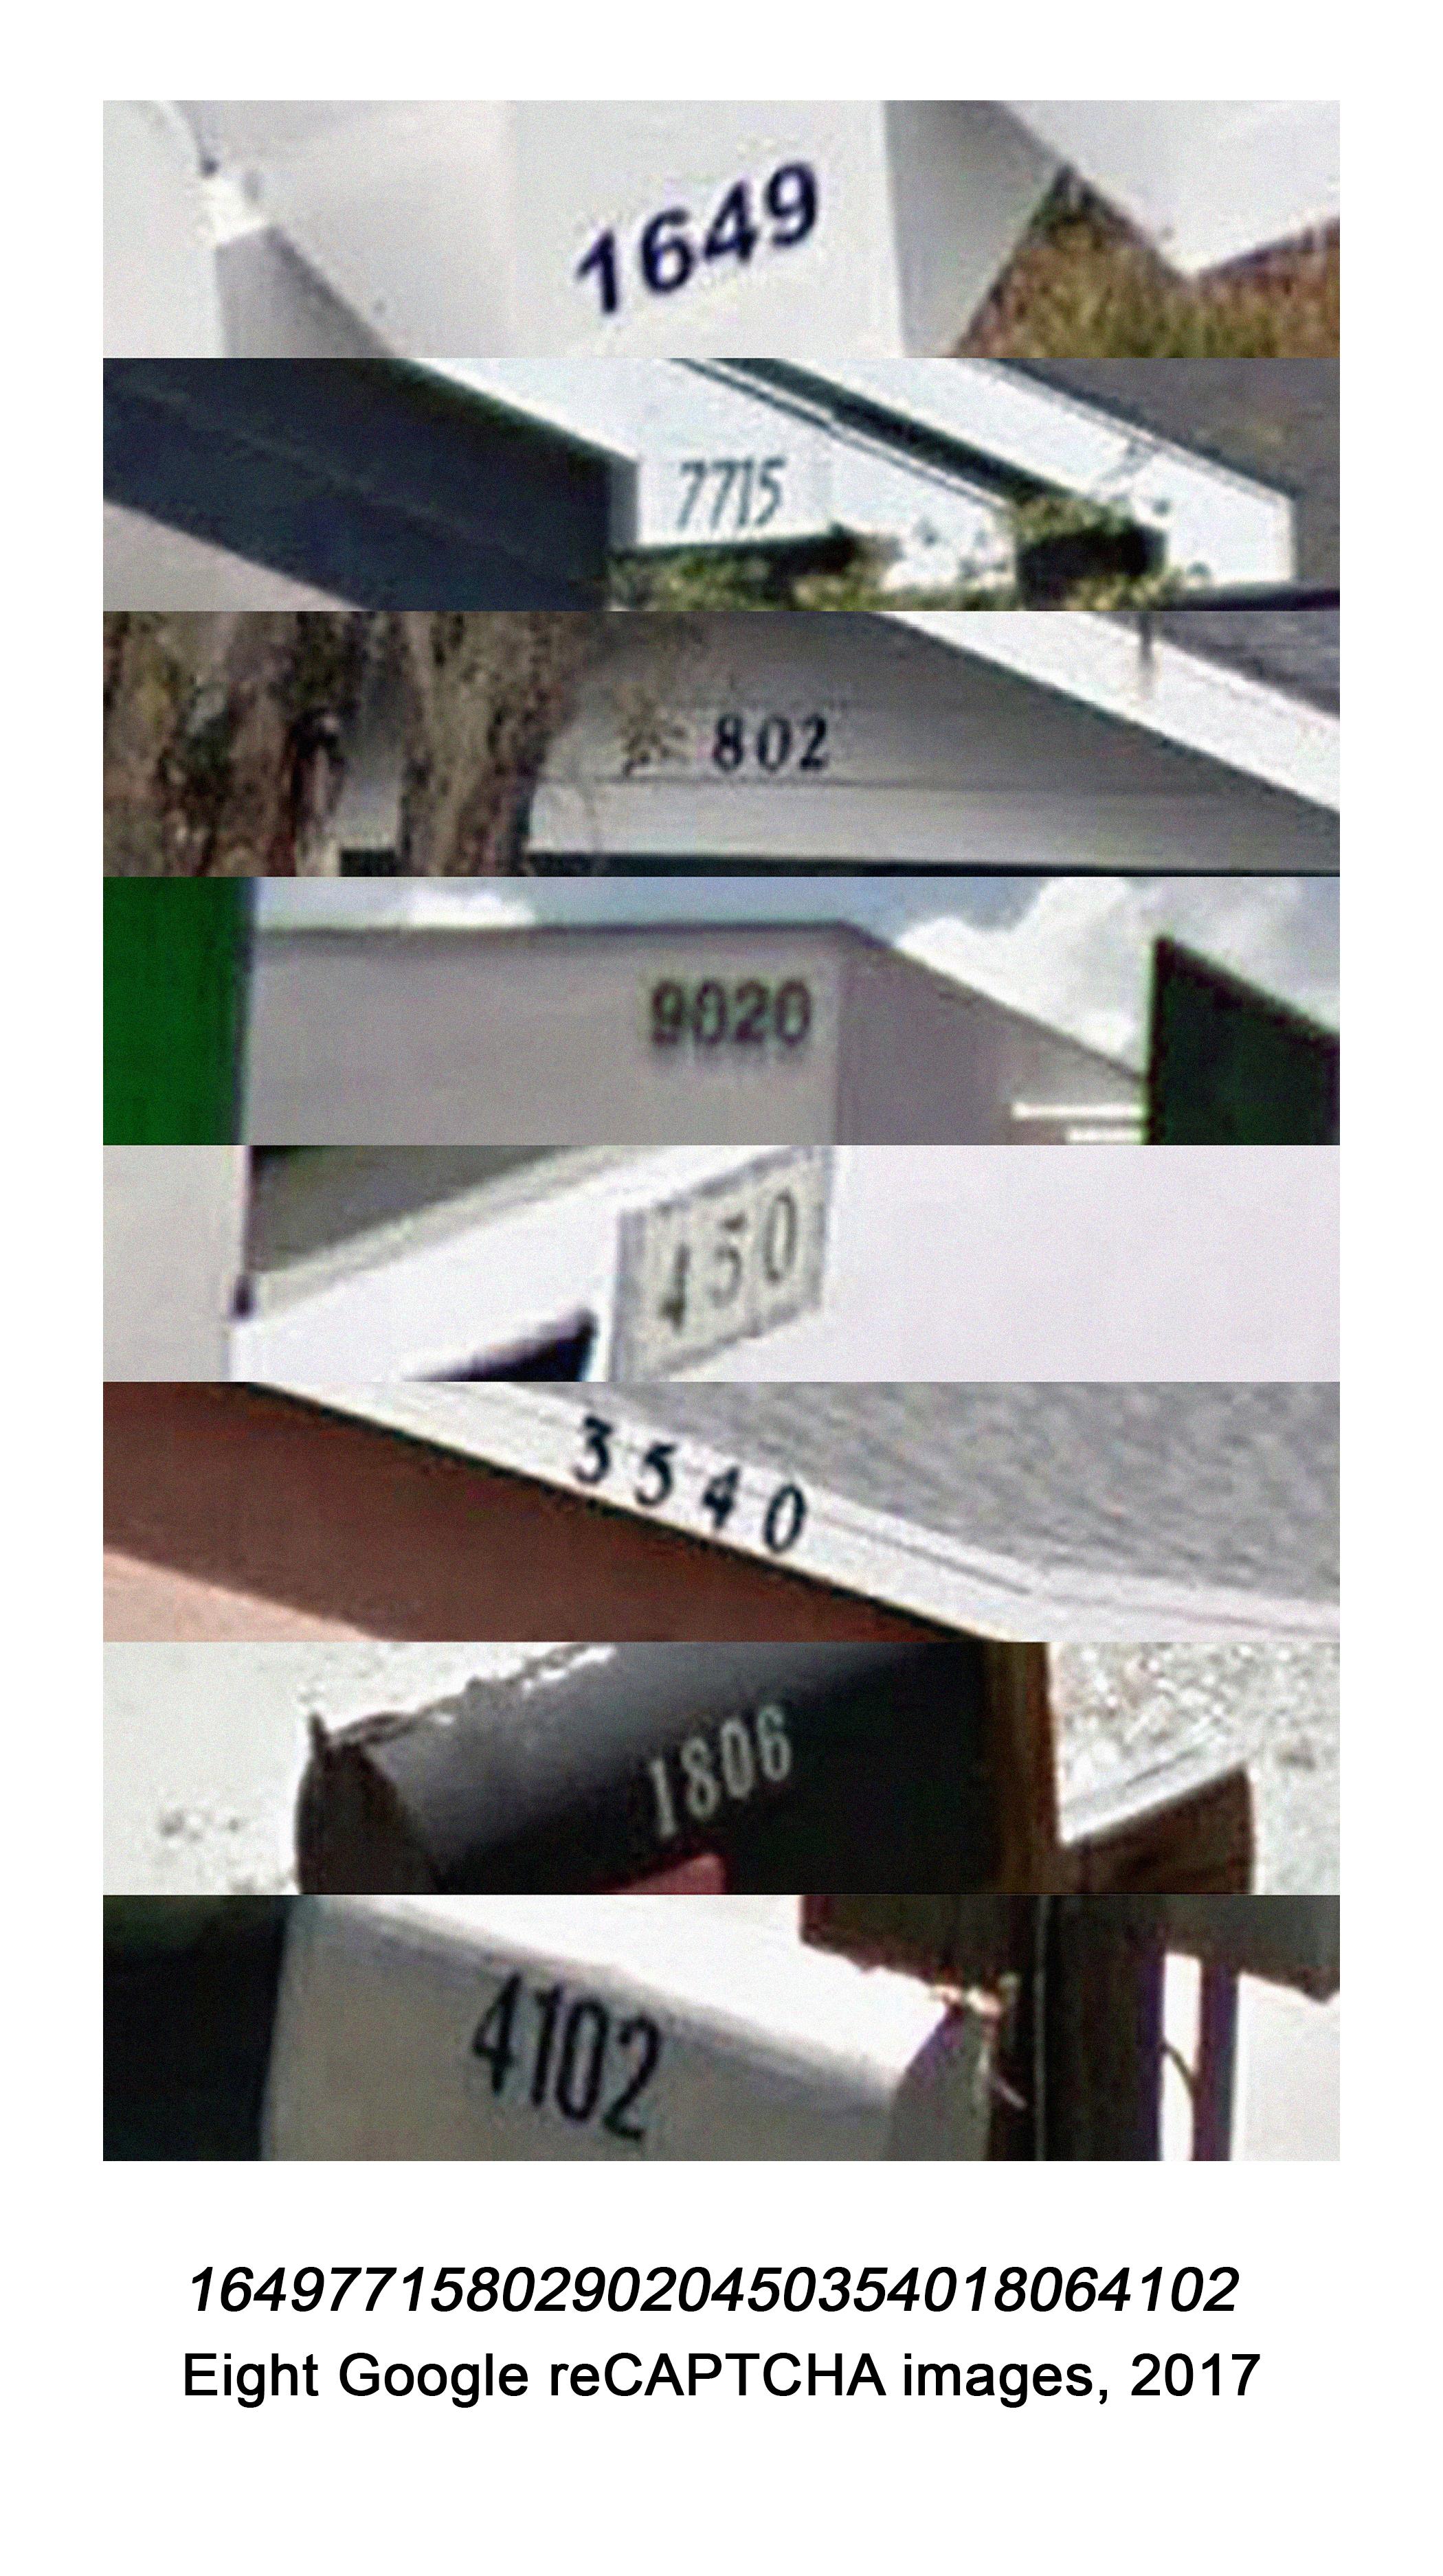 164977158029020450354018064102.jpg